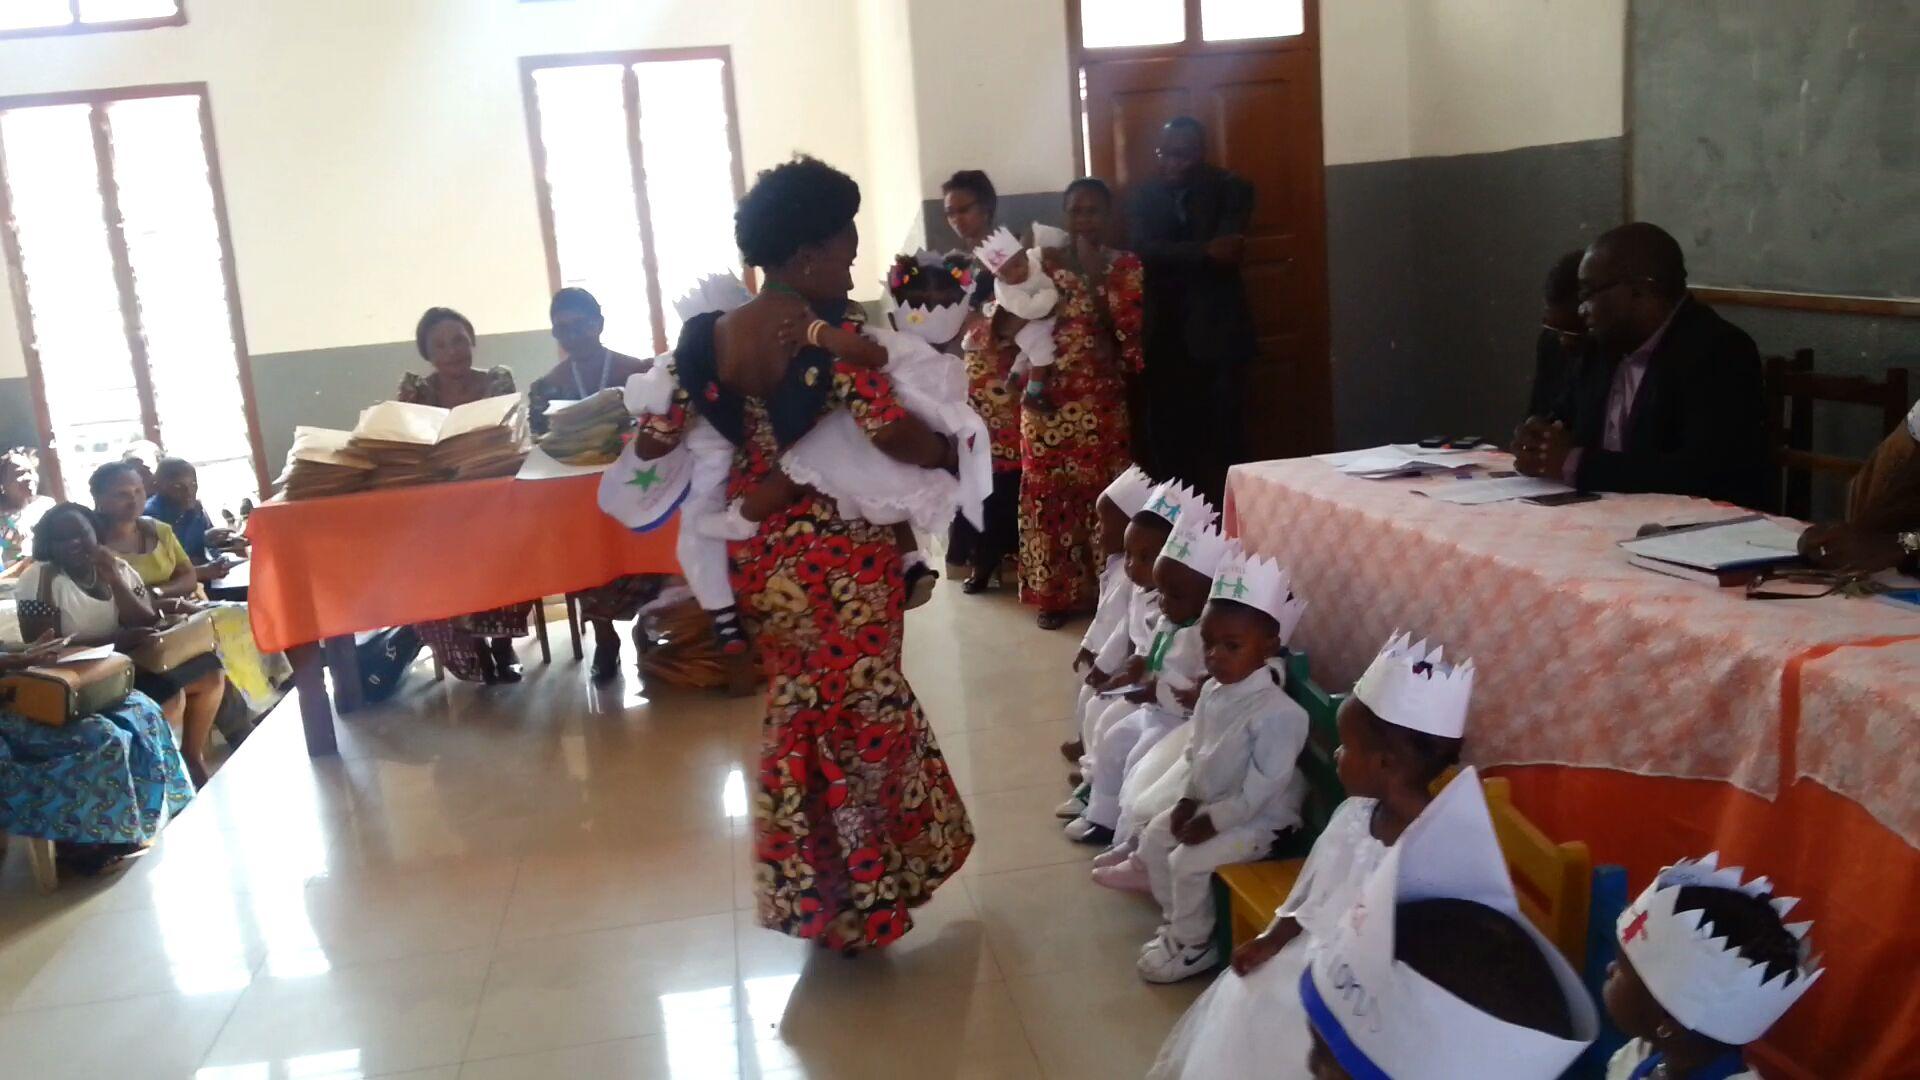 Les enfants et leurs éducatrices à la proclamation